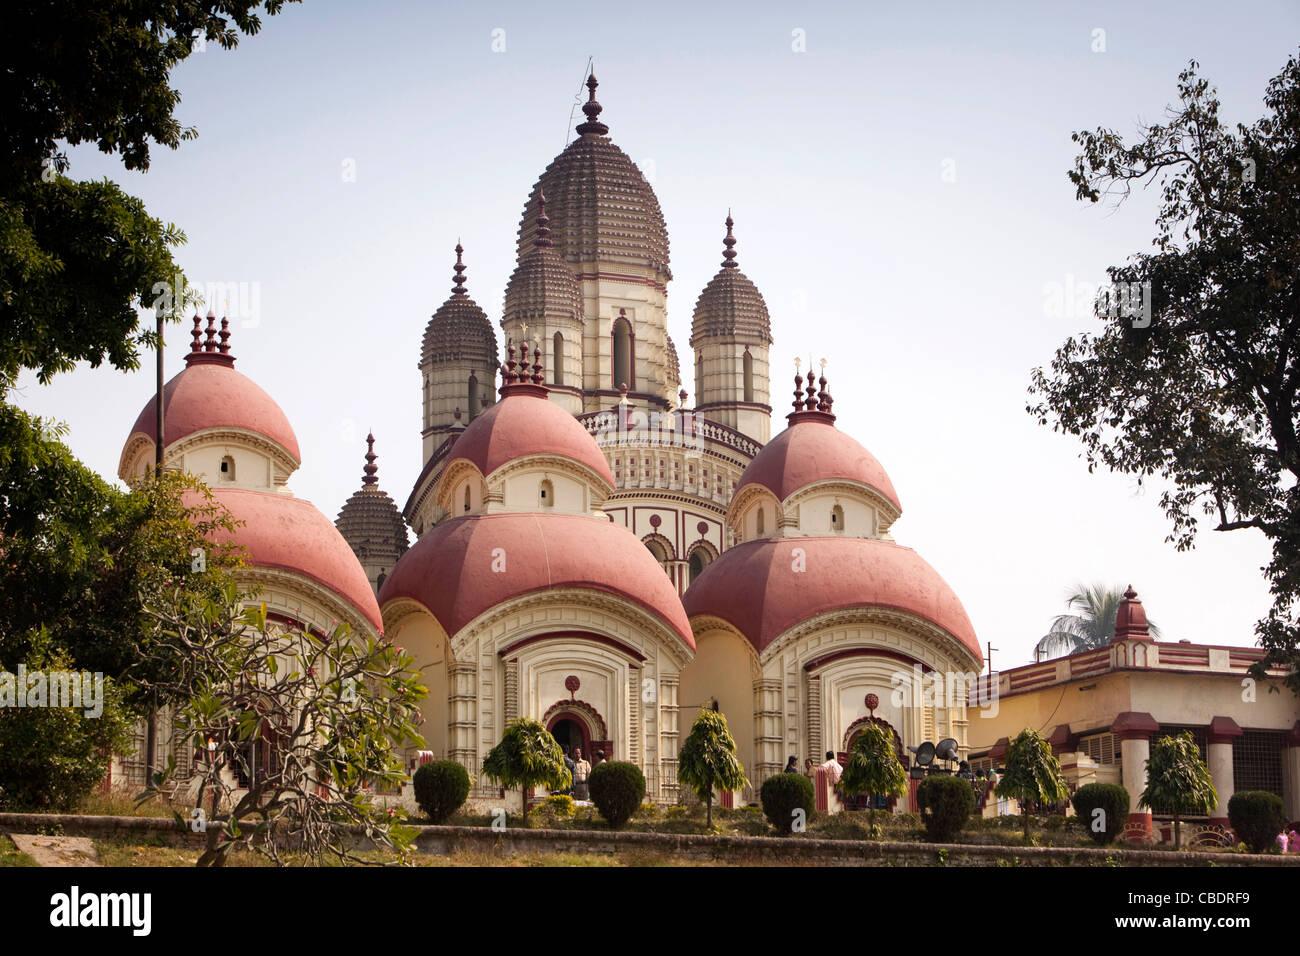 India, West Bengal, Kolkata, Dakshineswar Kali Temple - Stock Image